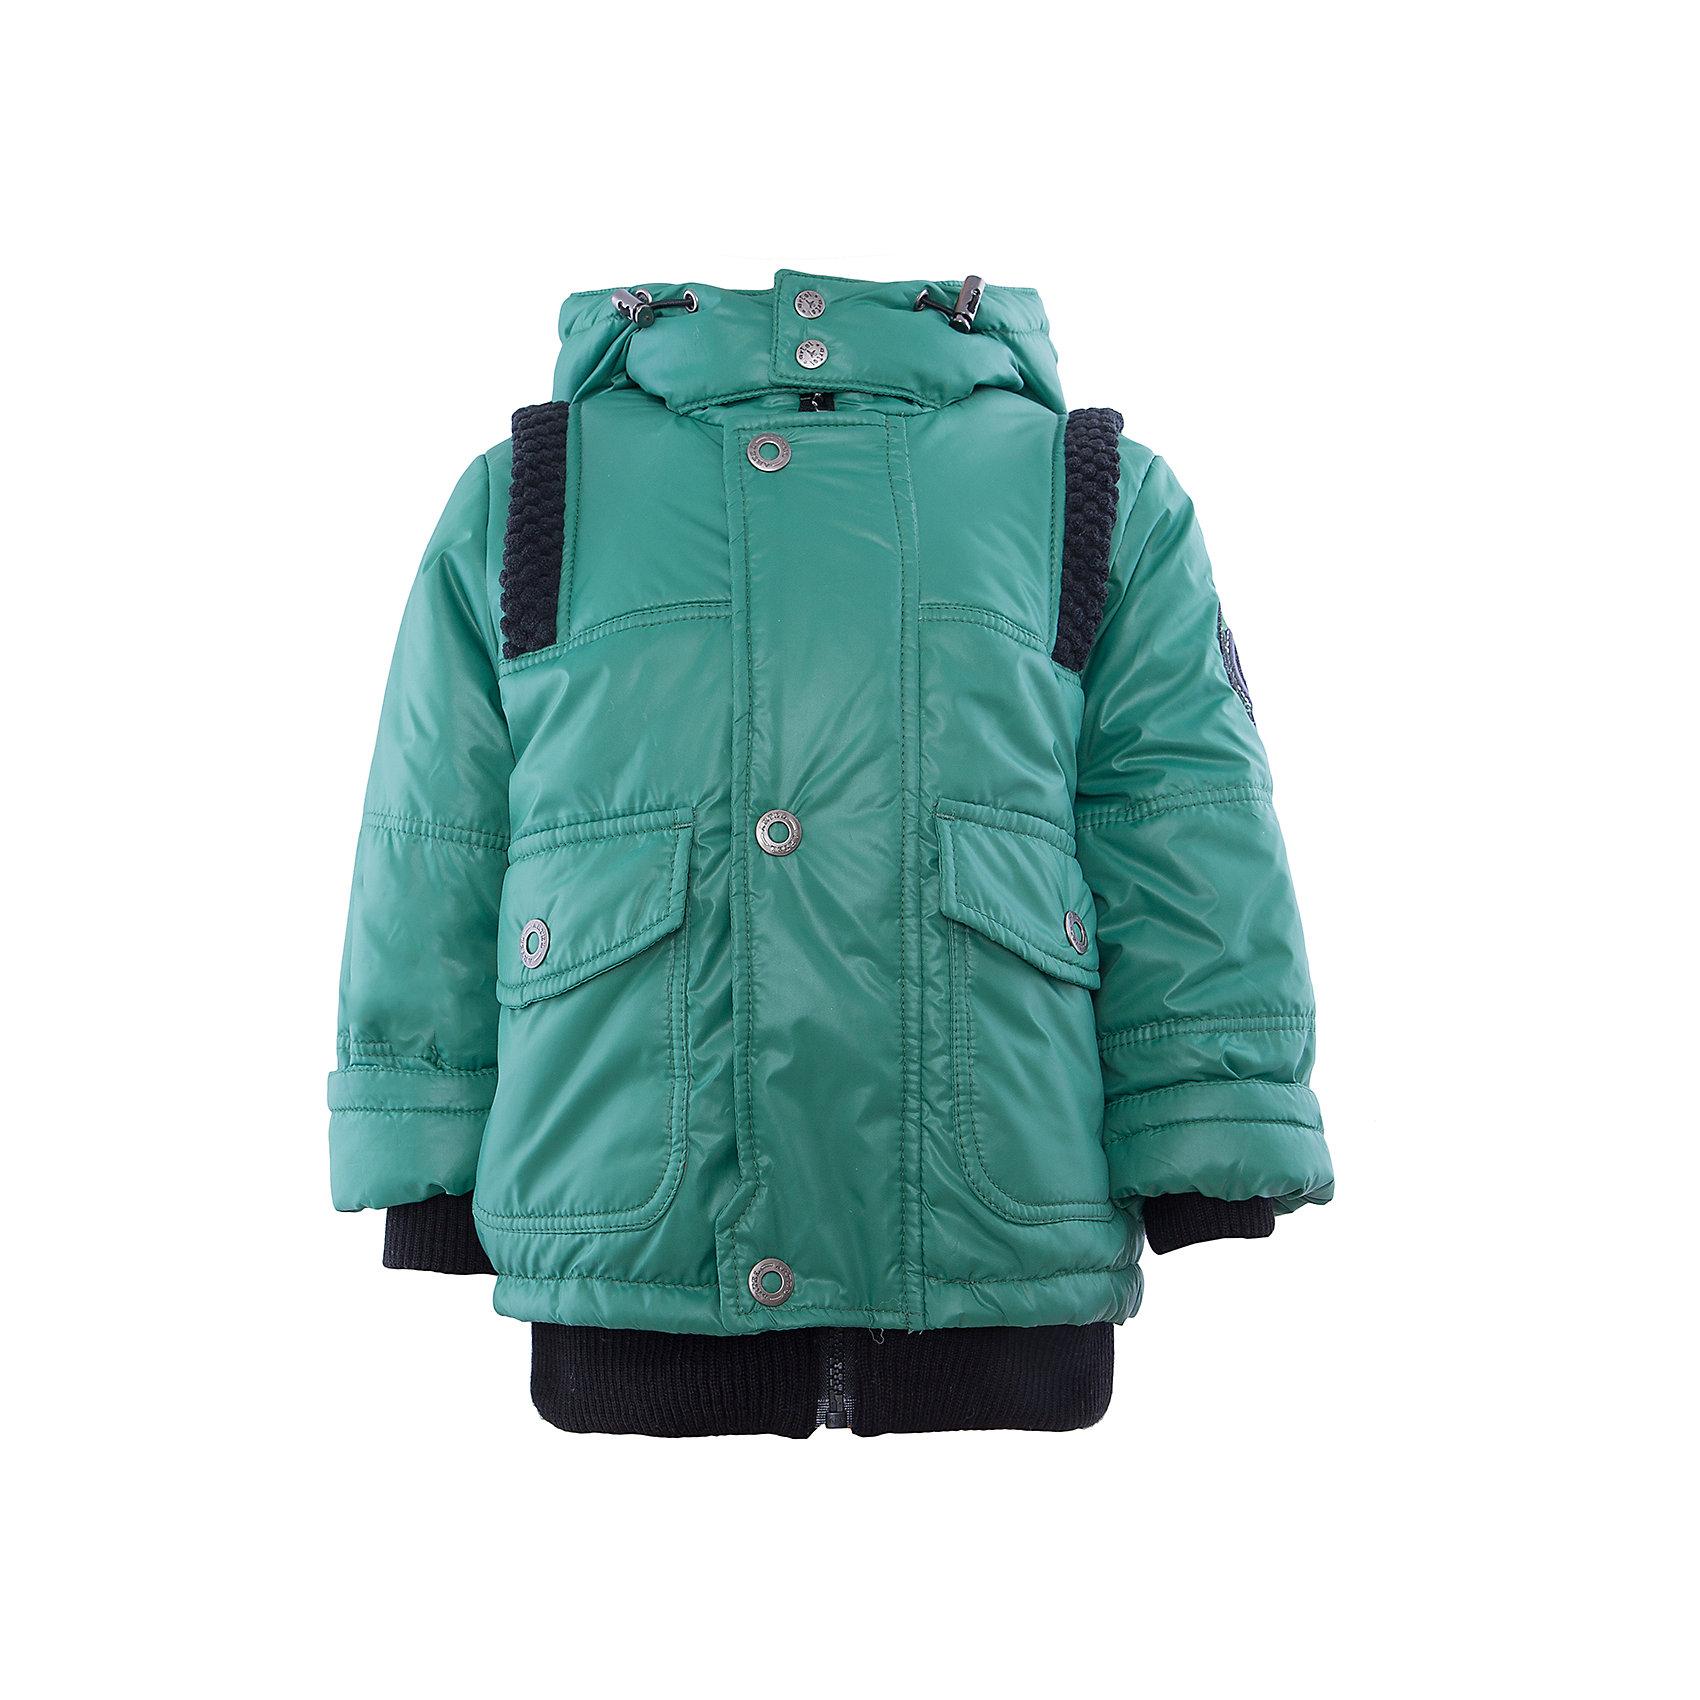 Куртка для мальчика АртельВерхняя одежда<br>Куртка для мальчика от известного бренда Артель<br>Куртка для мальчика с центральной застежкой на молнию, прикрытой ветрозащитной планкой. Капюшон втачной с регулируемой кулиской по краю. Манжета рукава отворотная, регулируется по длине, внутри трикотажная манжета. Но низу куртка отделана трикотажным подвязом. <br>Состав:<br>Верх: YSD 819<br>Подкладка: интерлок<br>Утеплитель: термофайбер 200гр<br><br>Ширина мм: 356<br>Глубина мм: 10<br>Высота мм: 245<br>Вес г: 519<br>Цвет: зеленый<br>Возраст от месяцев: 24<br>Возраст до месяцев: 36<br>Пол: Мужской<br>Возраст: Детский<br>Размер: 98,80,86,92<br>SKU: 4963626